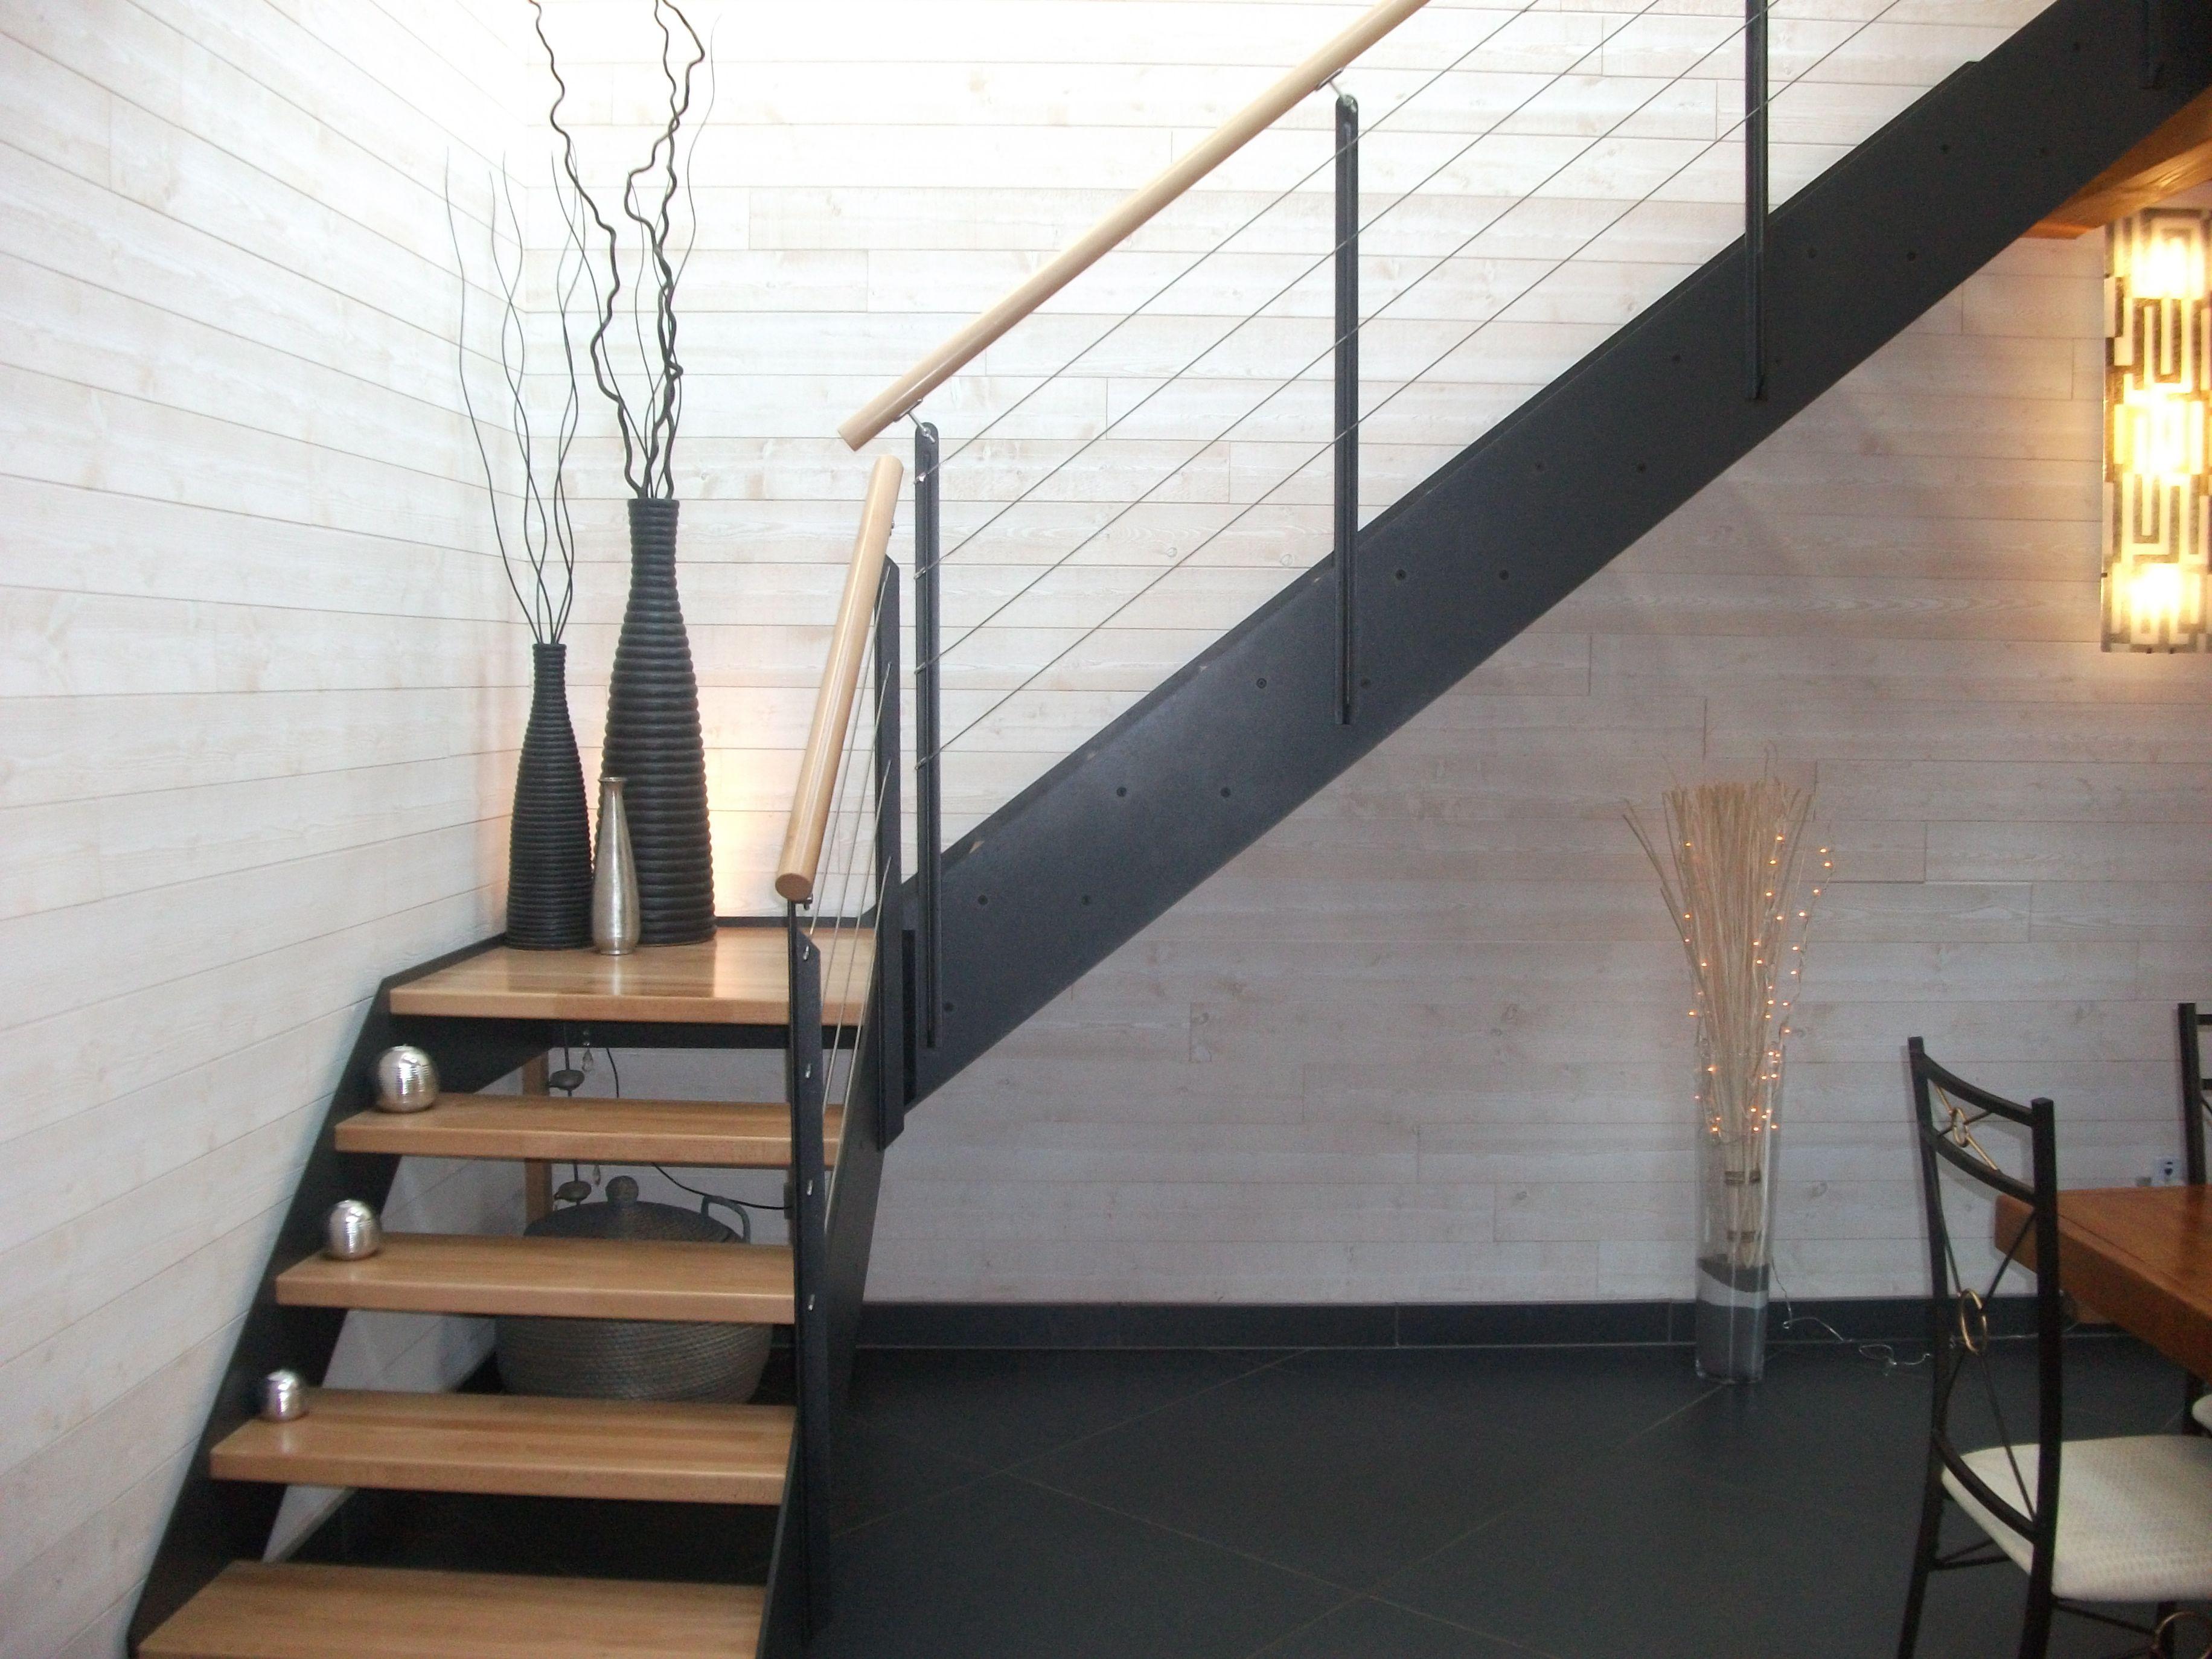 Epingle Sur Escalier Industriel Loft